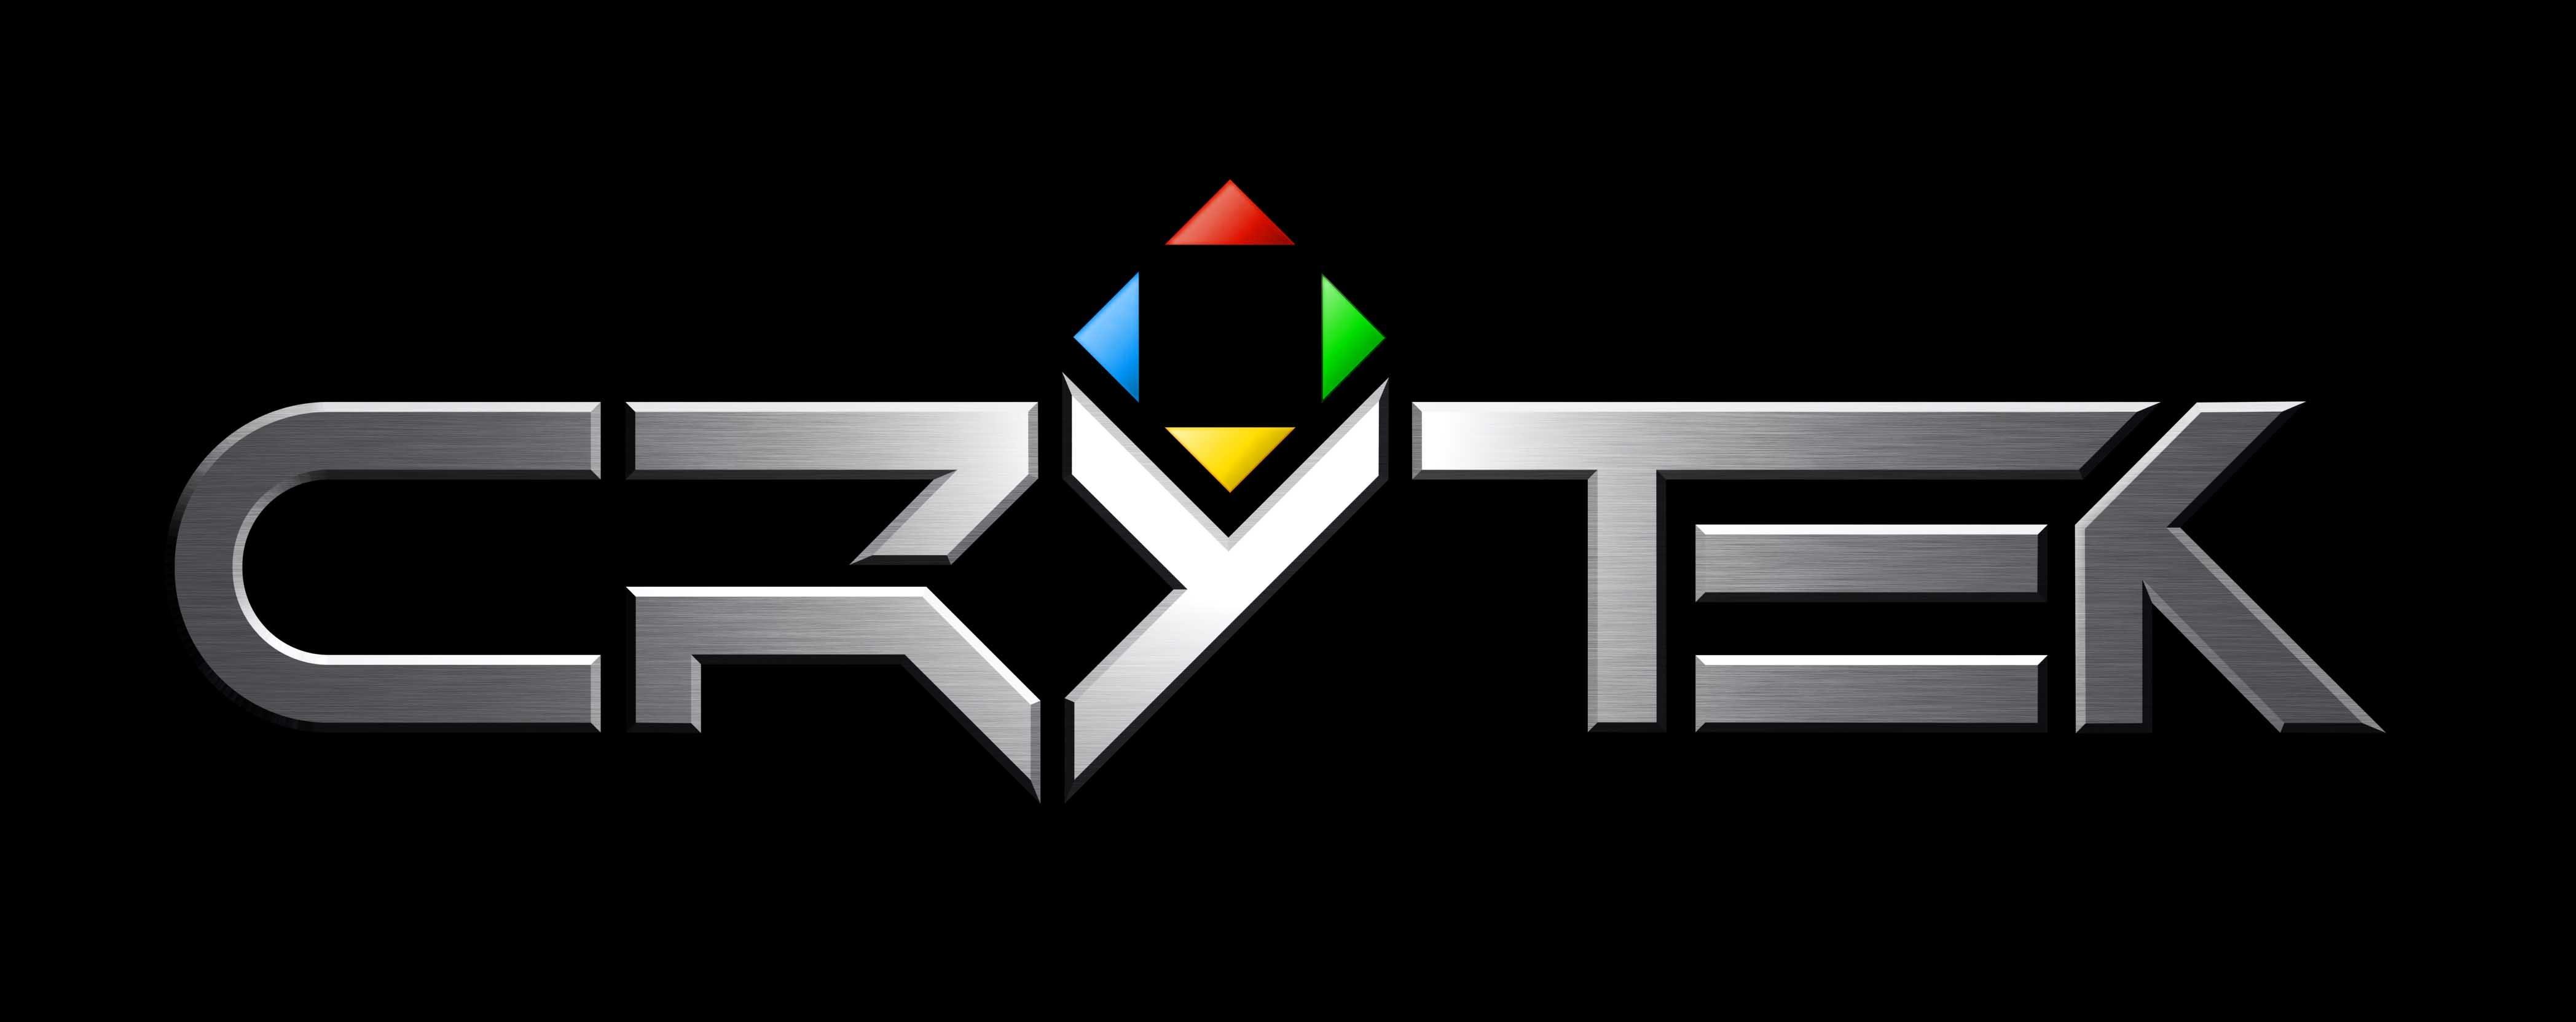 Crytek готова создать эксклюзив для PlayStation 3